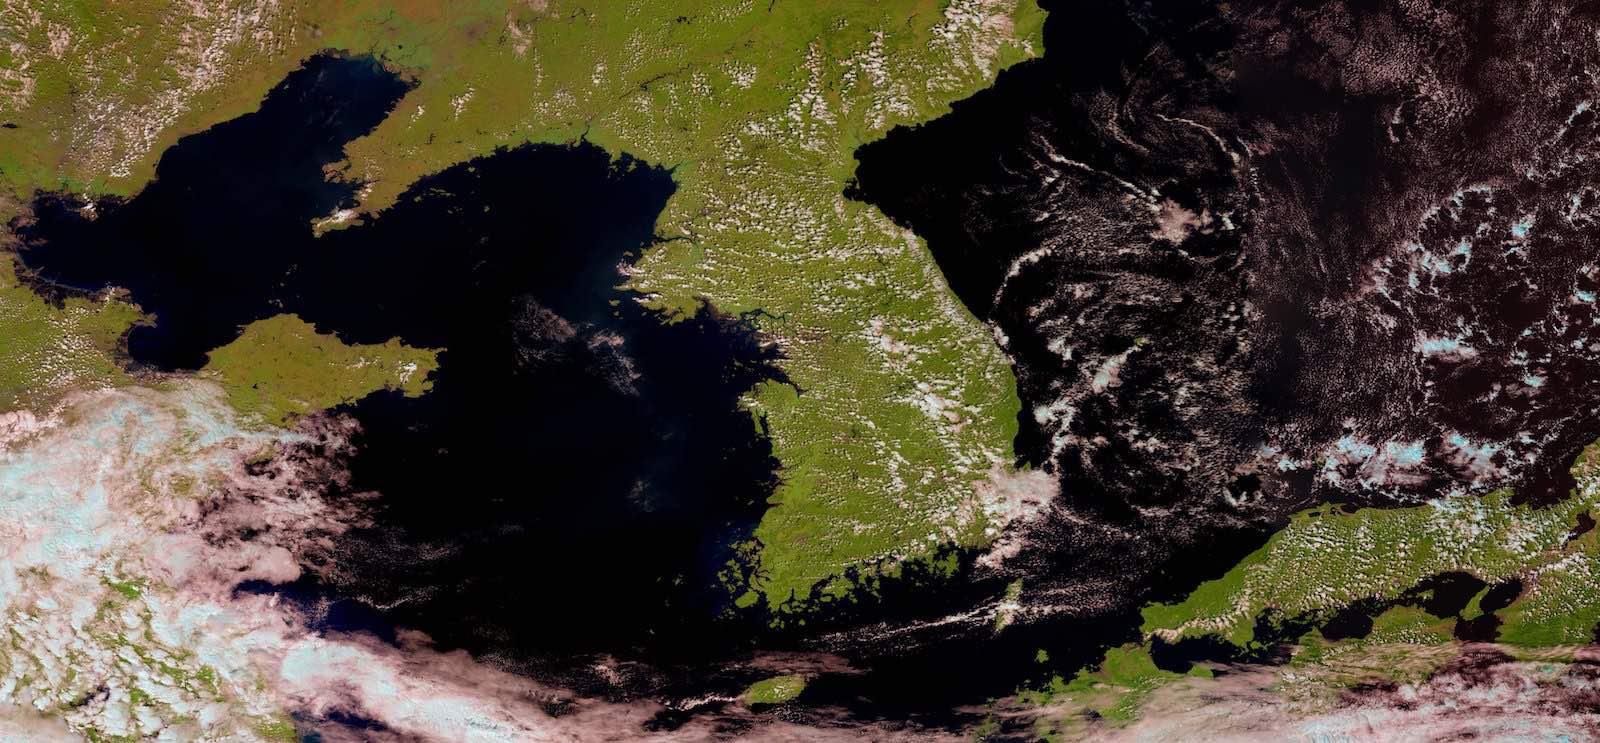 Suomi-NPP satellite image of East Asia (Photo via Stuart Rankin/Flickr)